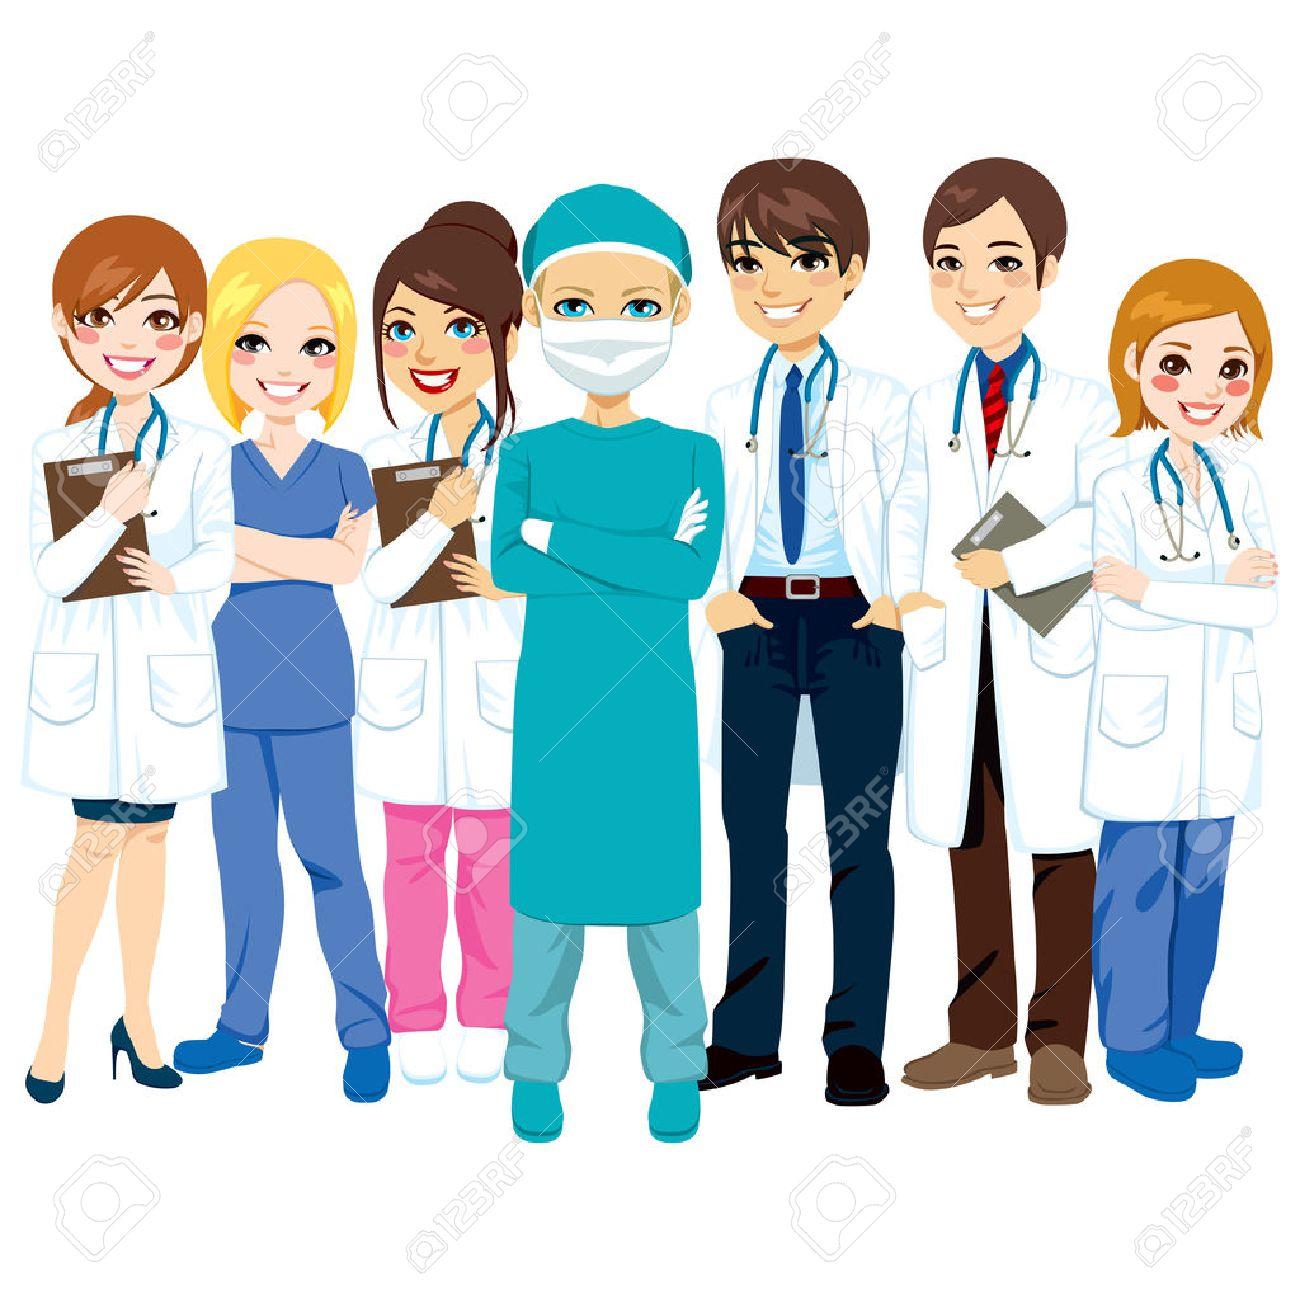 doctors nurses.jpg